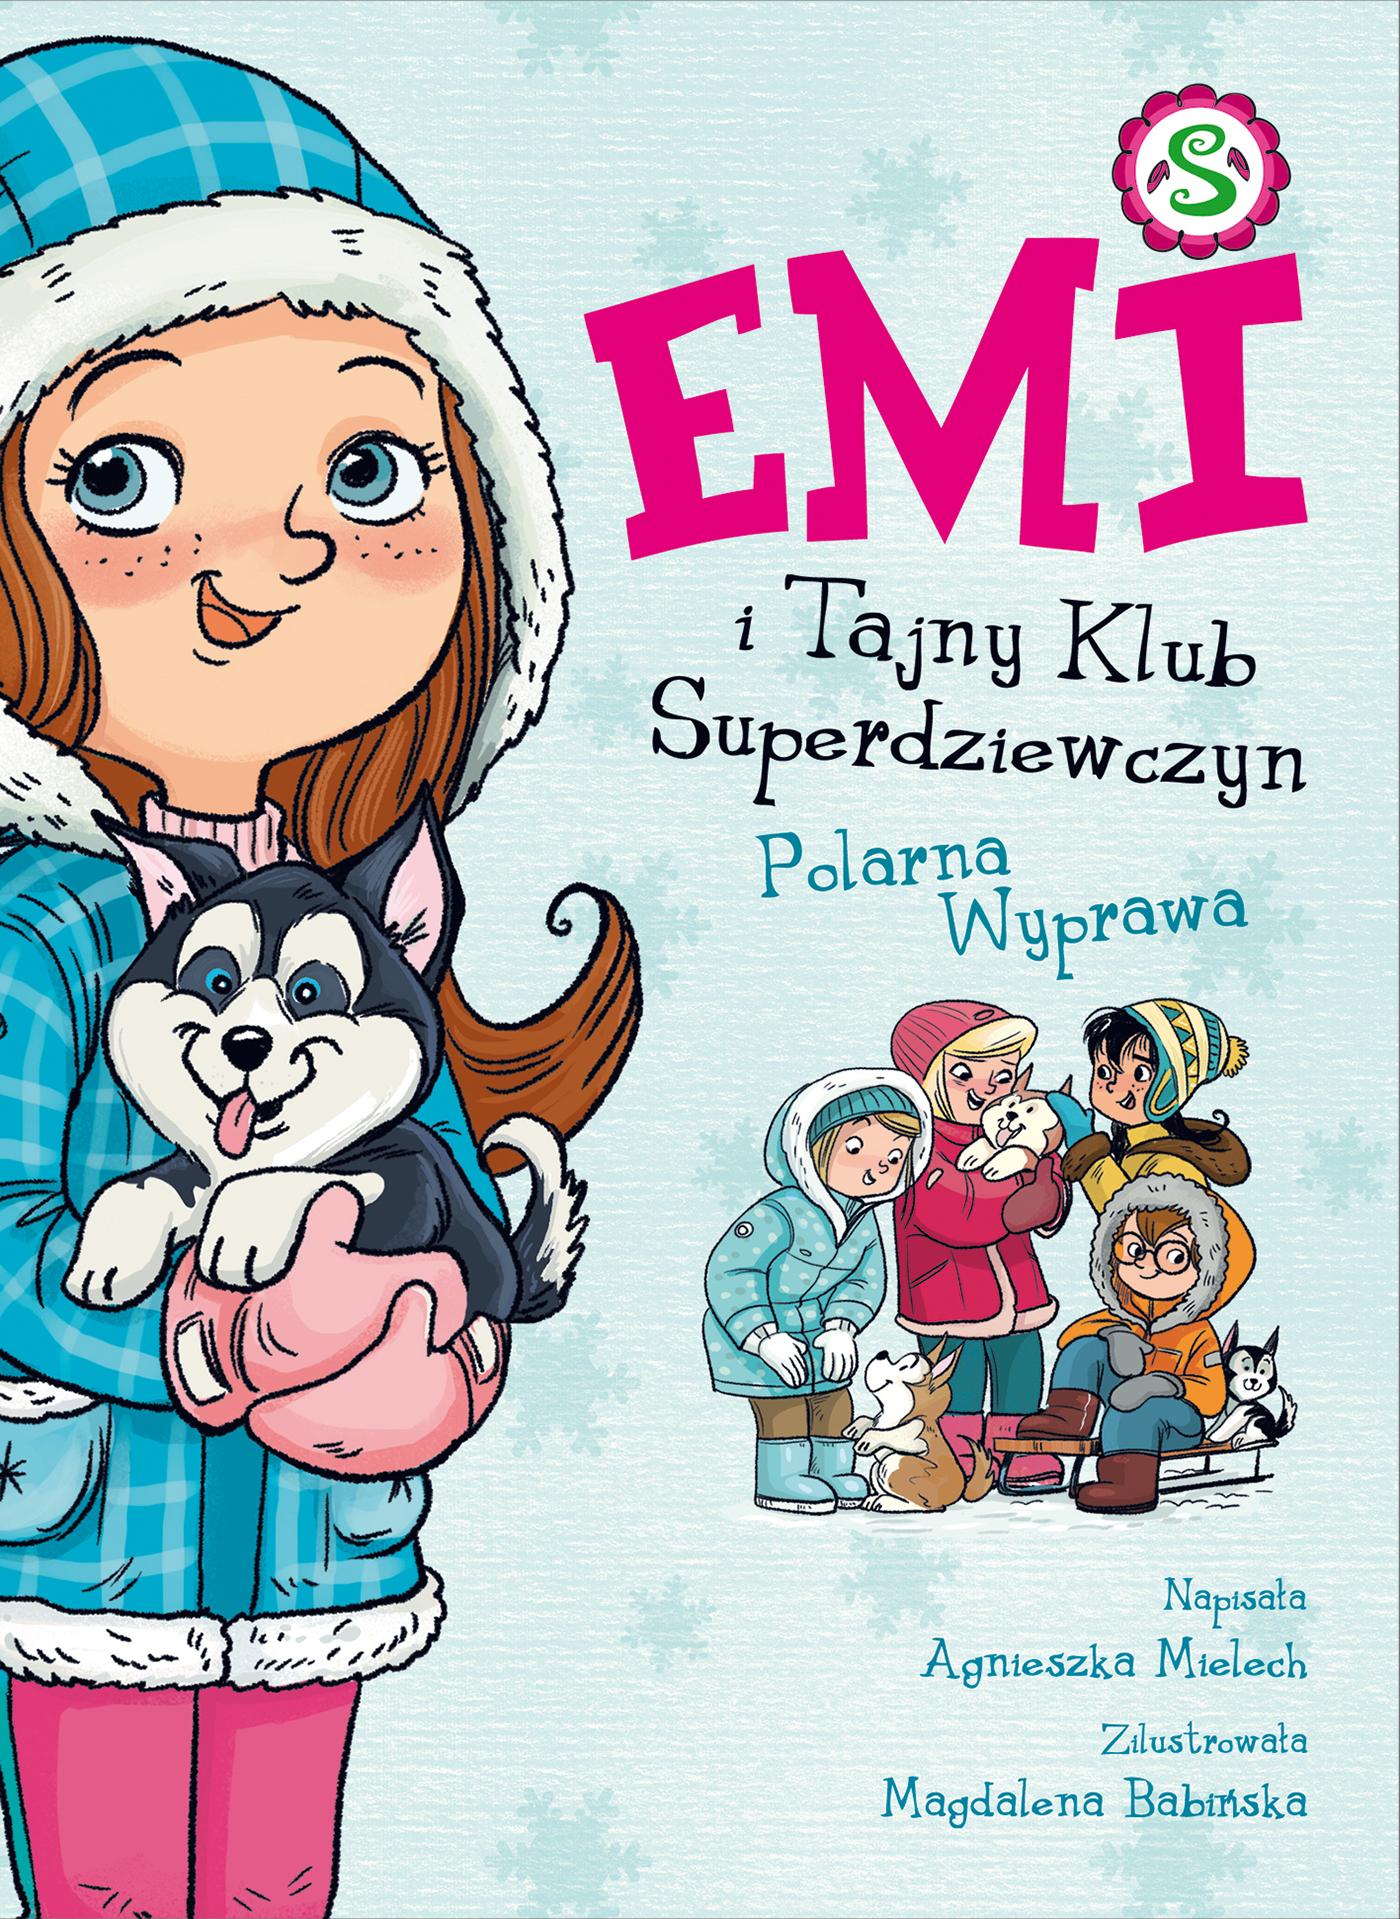 Emi i Tajny Klub Superdziewczyn. Tom 10. Polarna Wyprawa